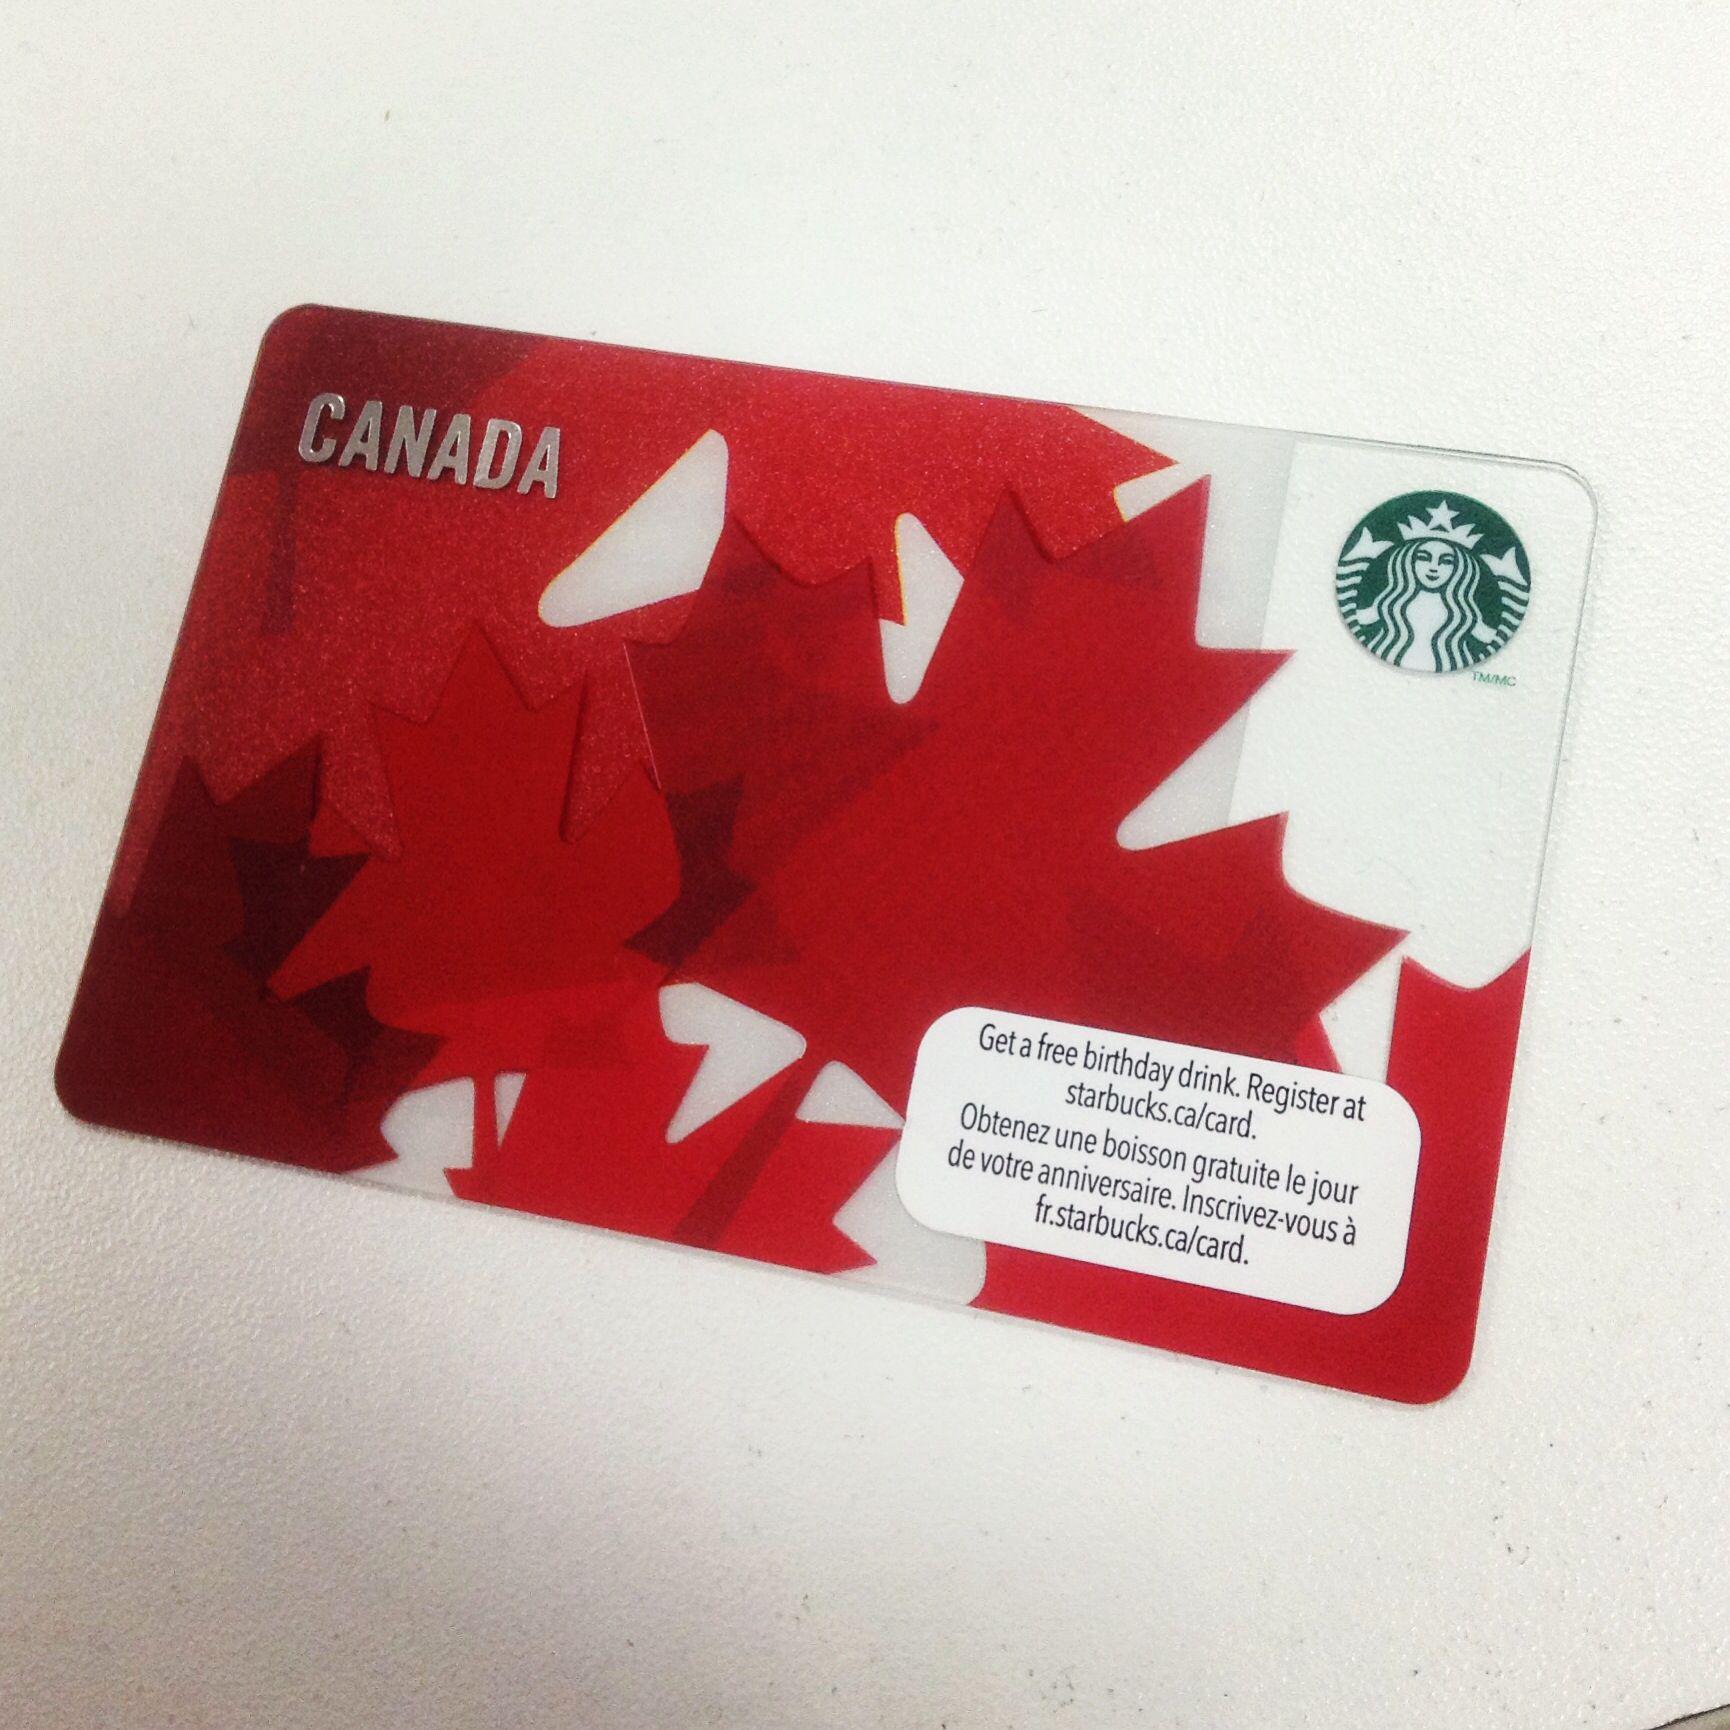 starbucks gift card balance checker canada